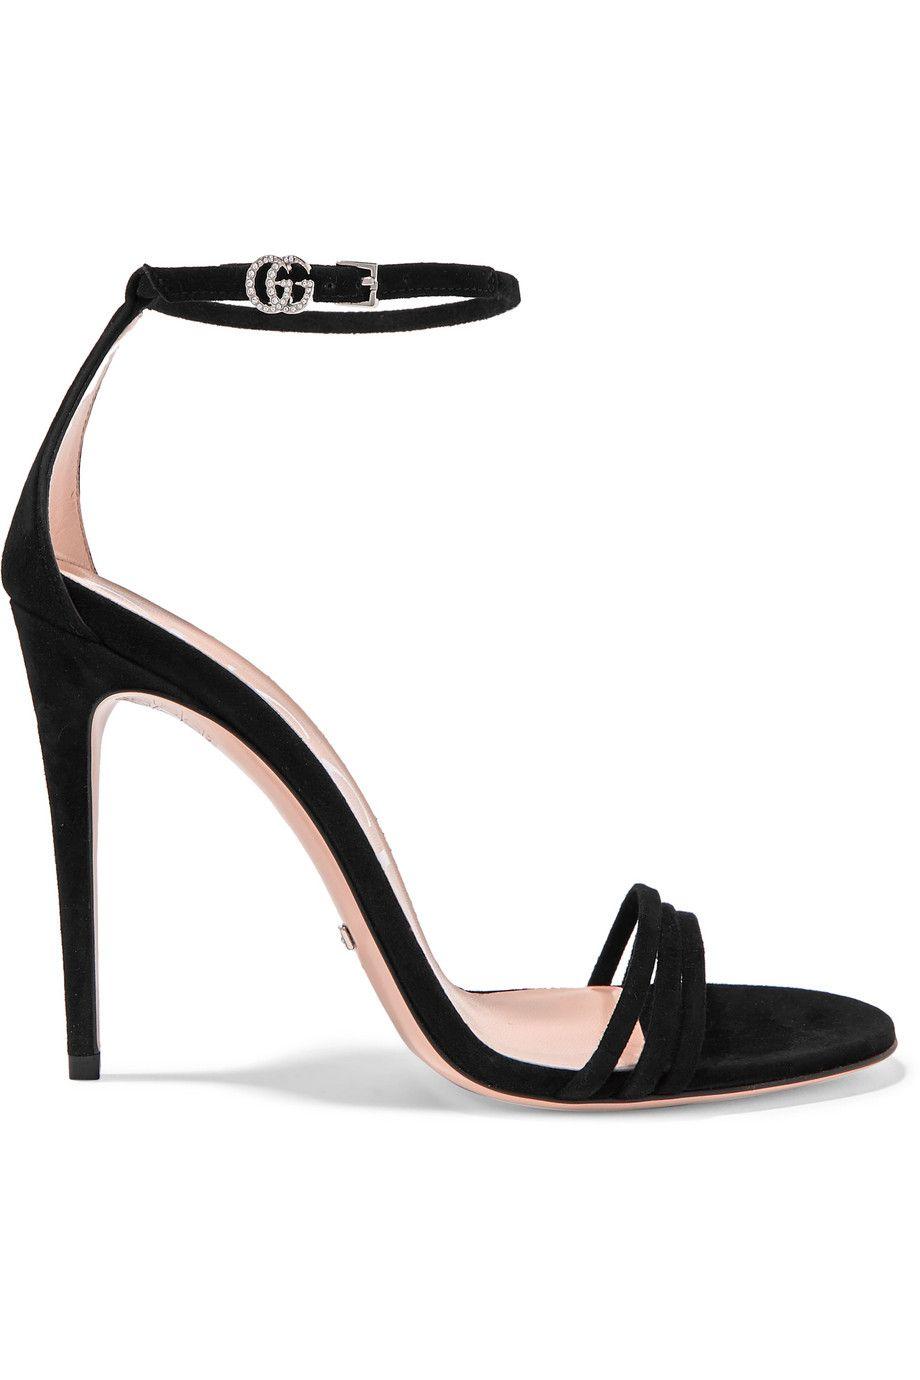 Black Crystal-embellished suede sandals